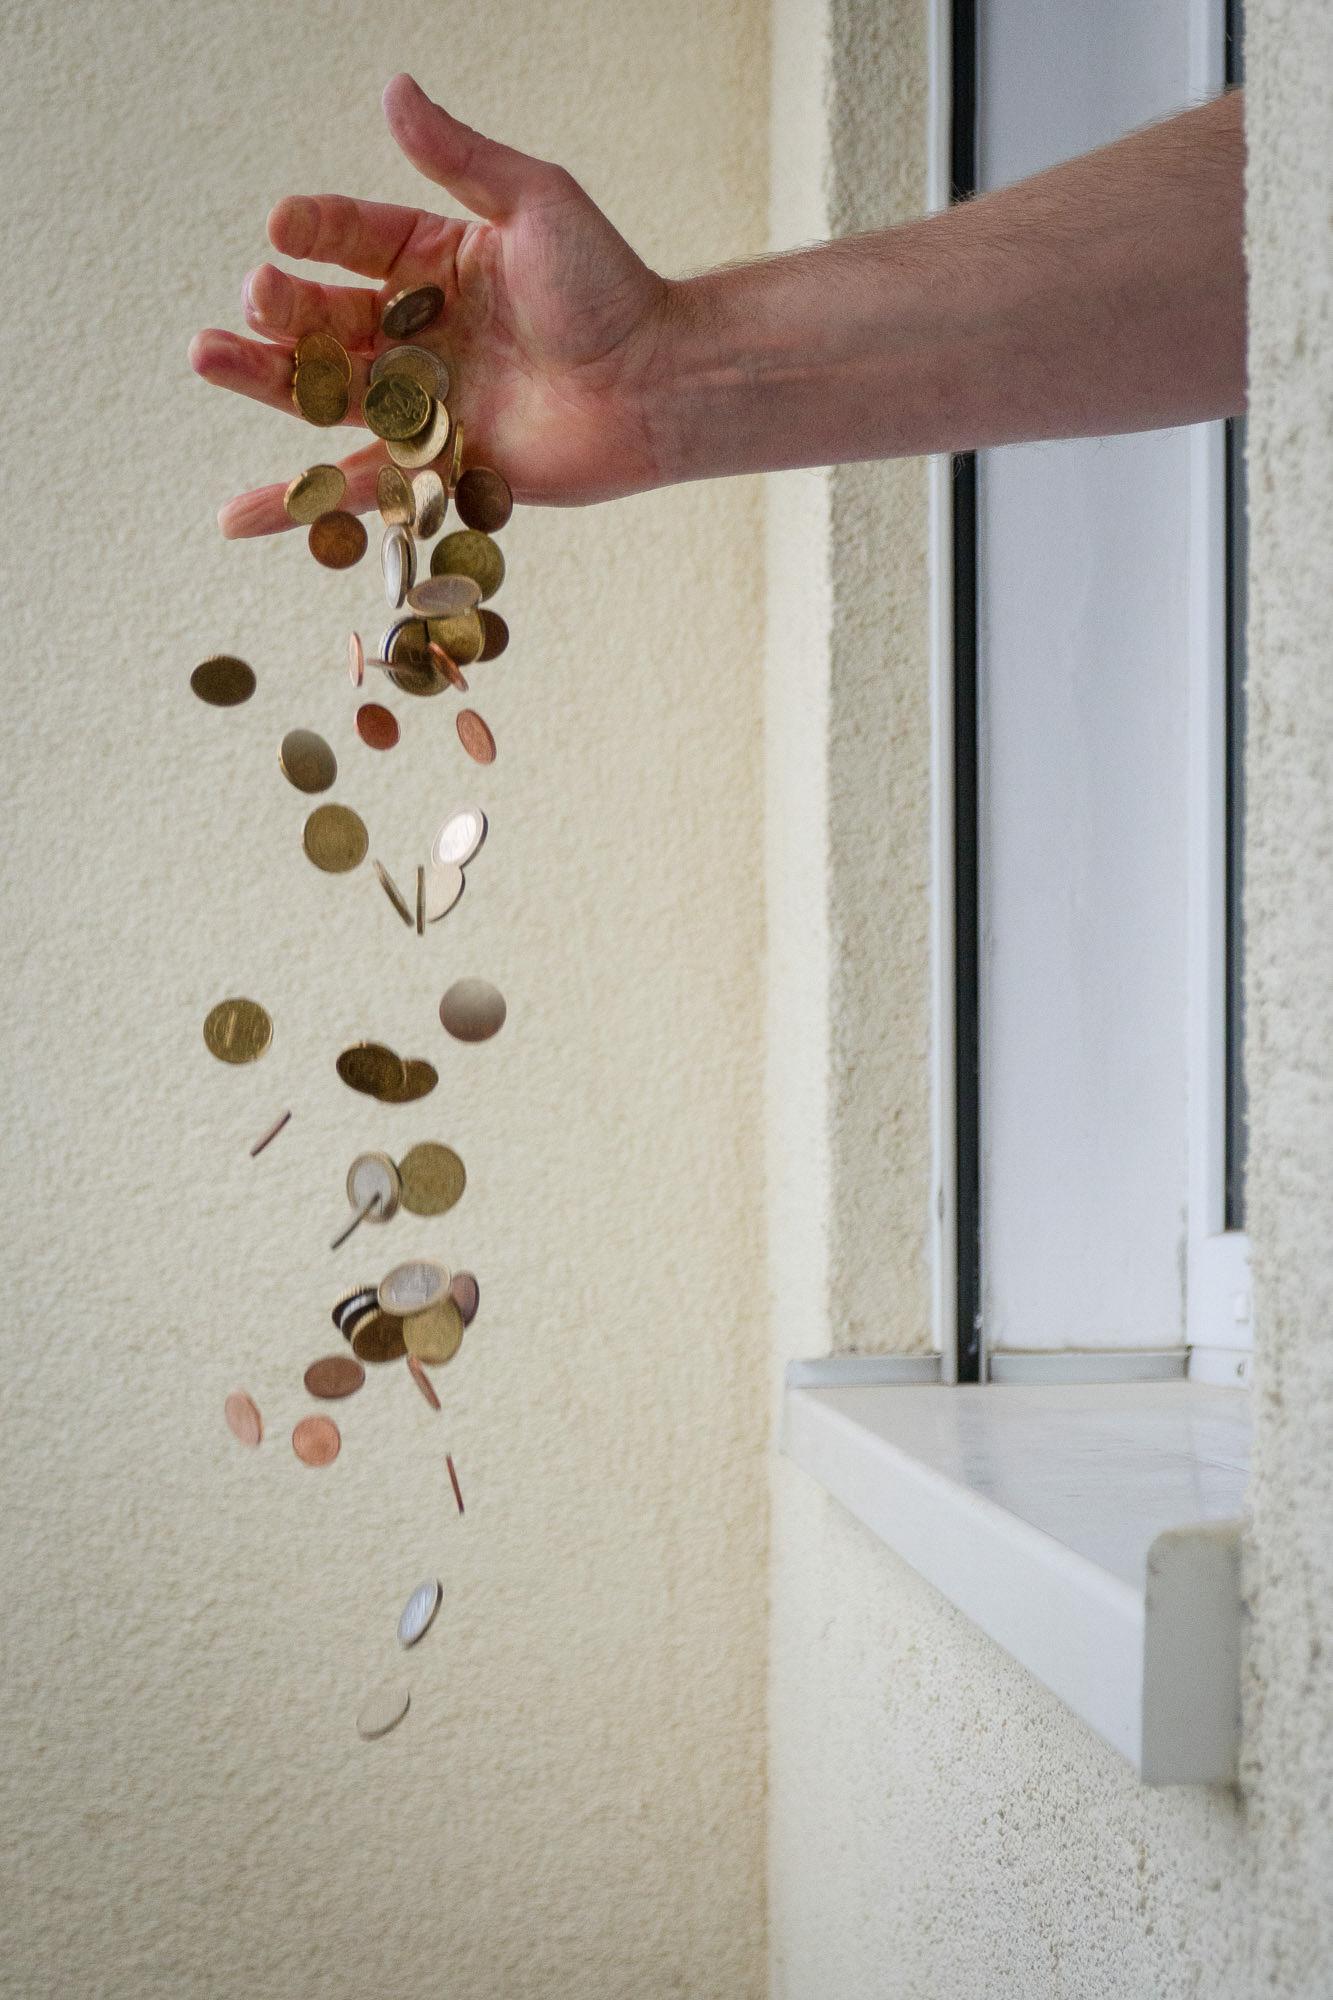 vielpixel / Geld_zum_Fenster_rauswerfen